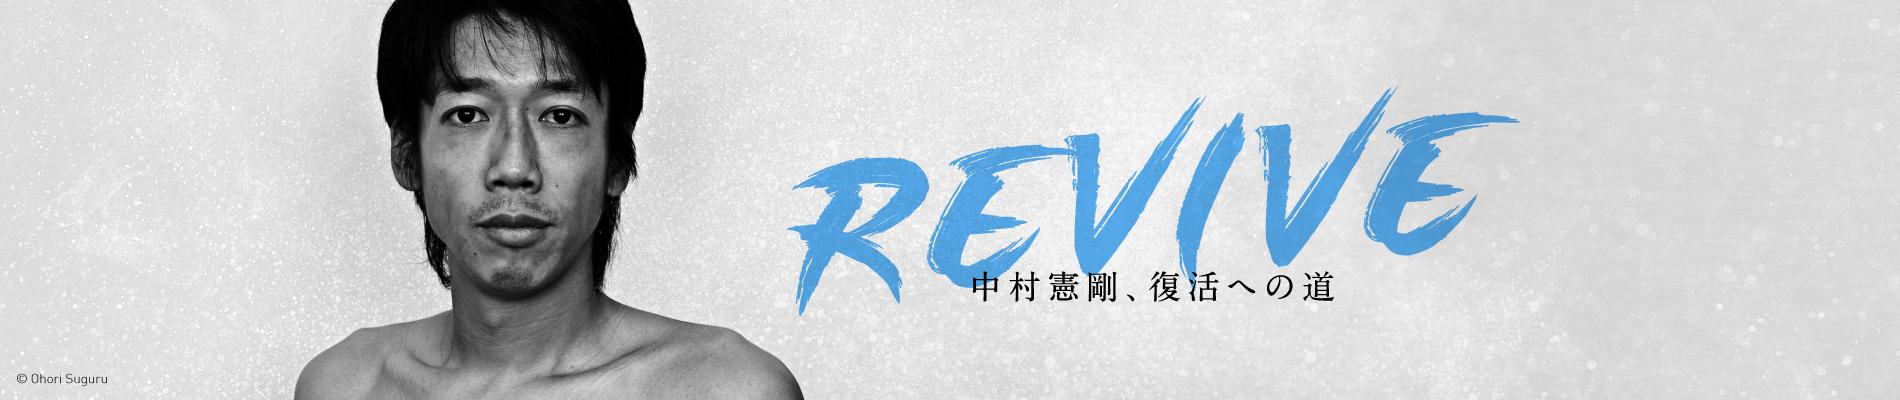 中村憲剛、復活への道